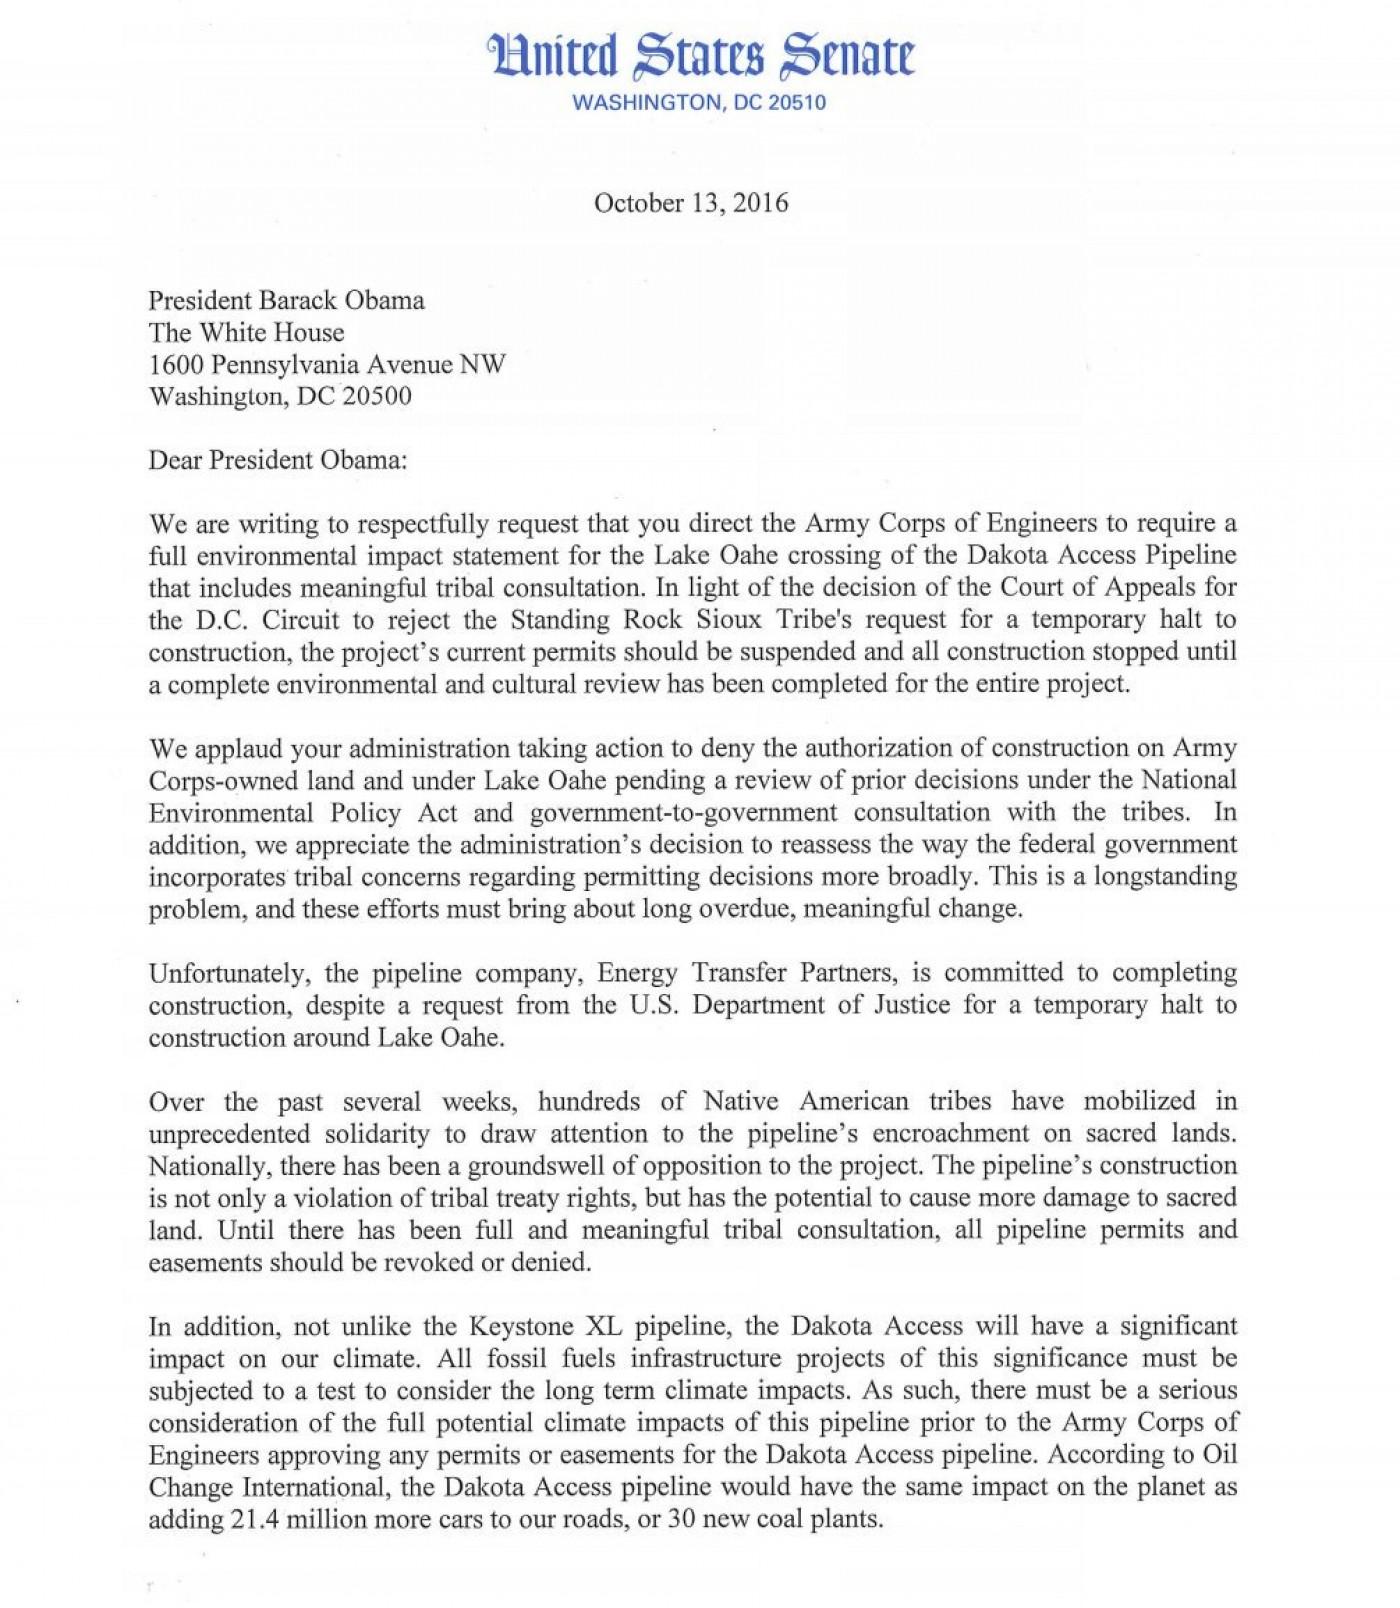 barack obama essay cusb yzwyaag gd  thatsnotus   barack obama essay cusb yzwyaag gd wondrous topics pdf